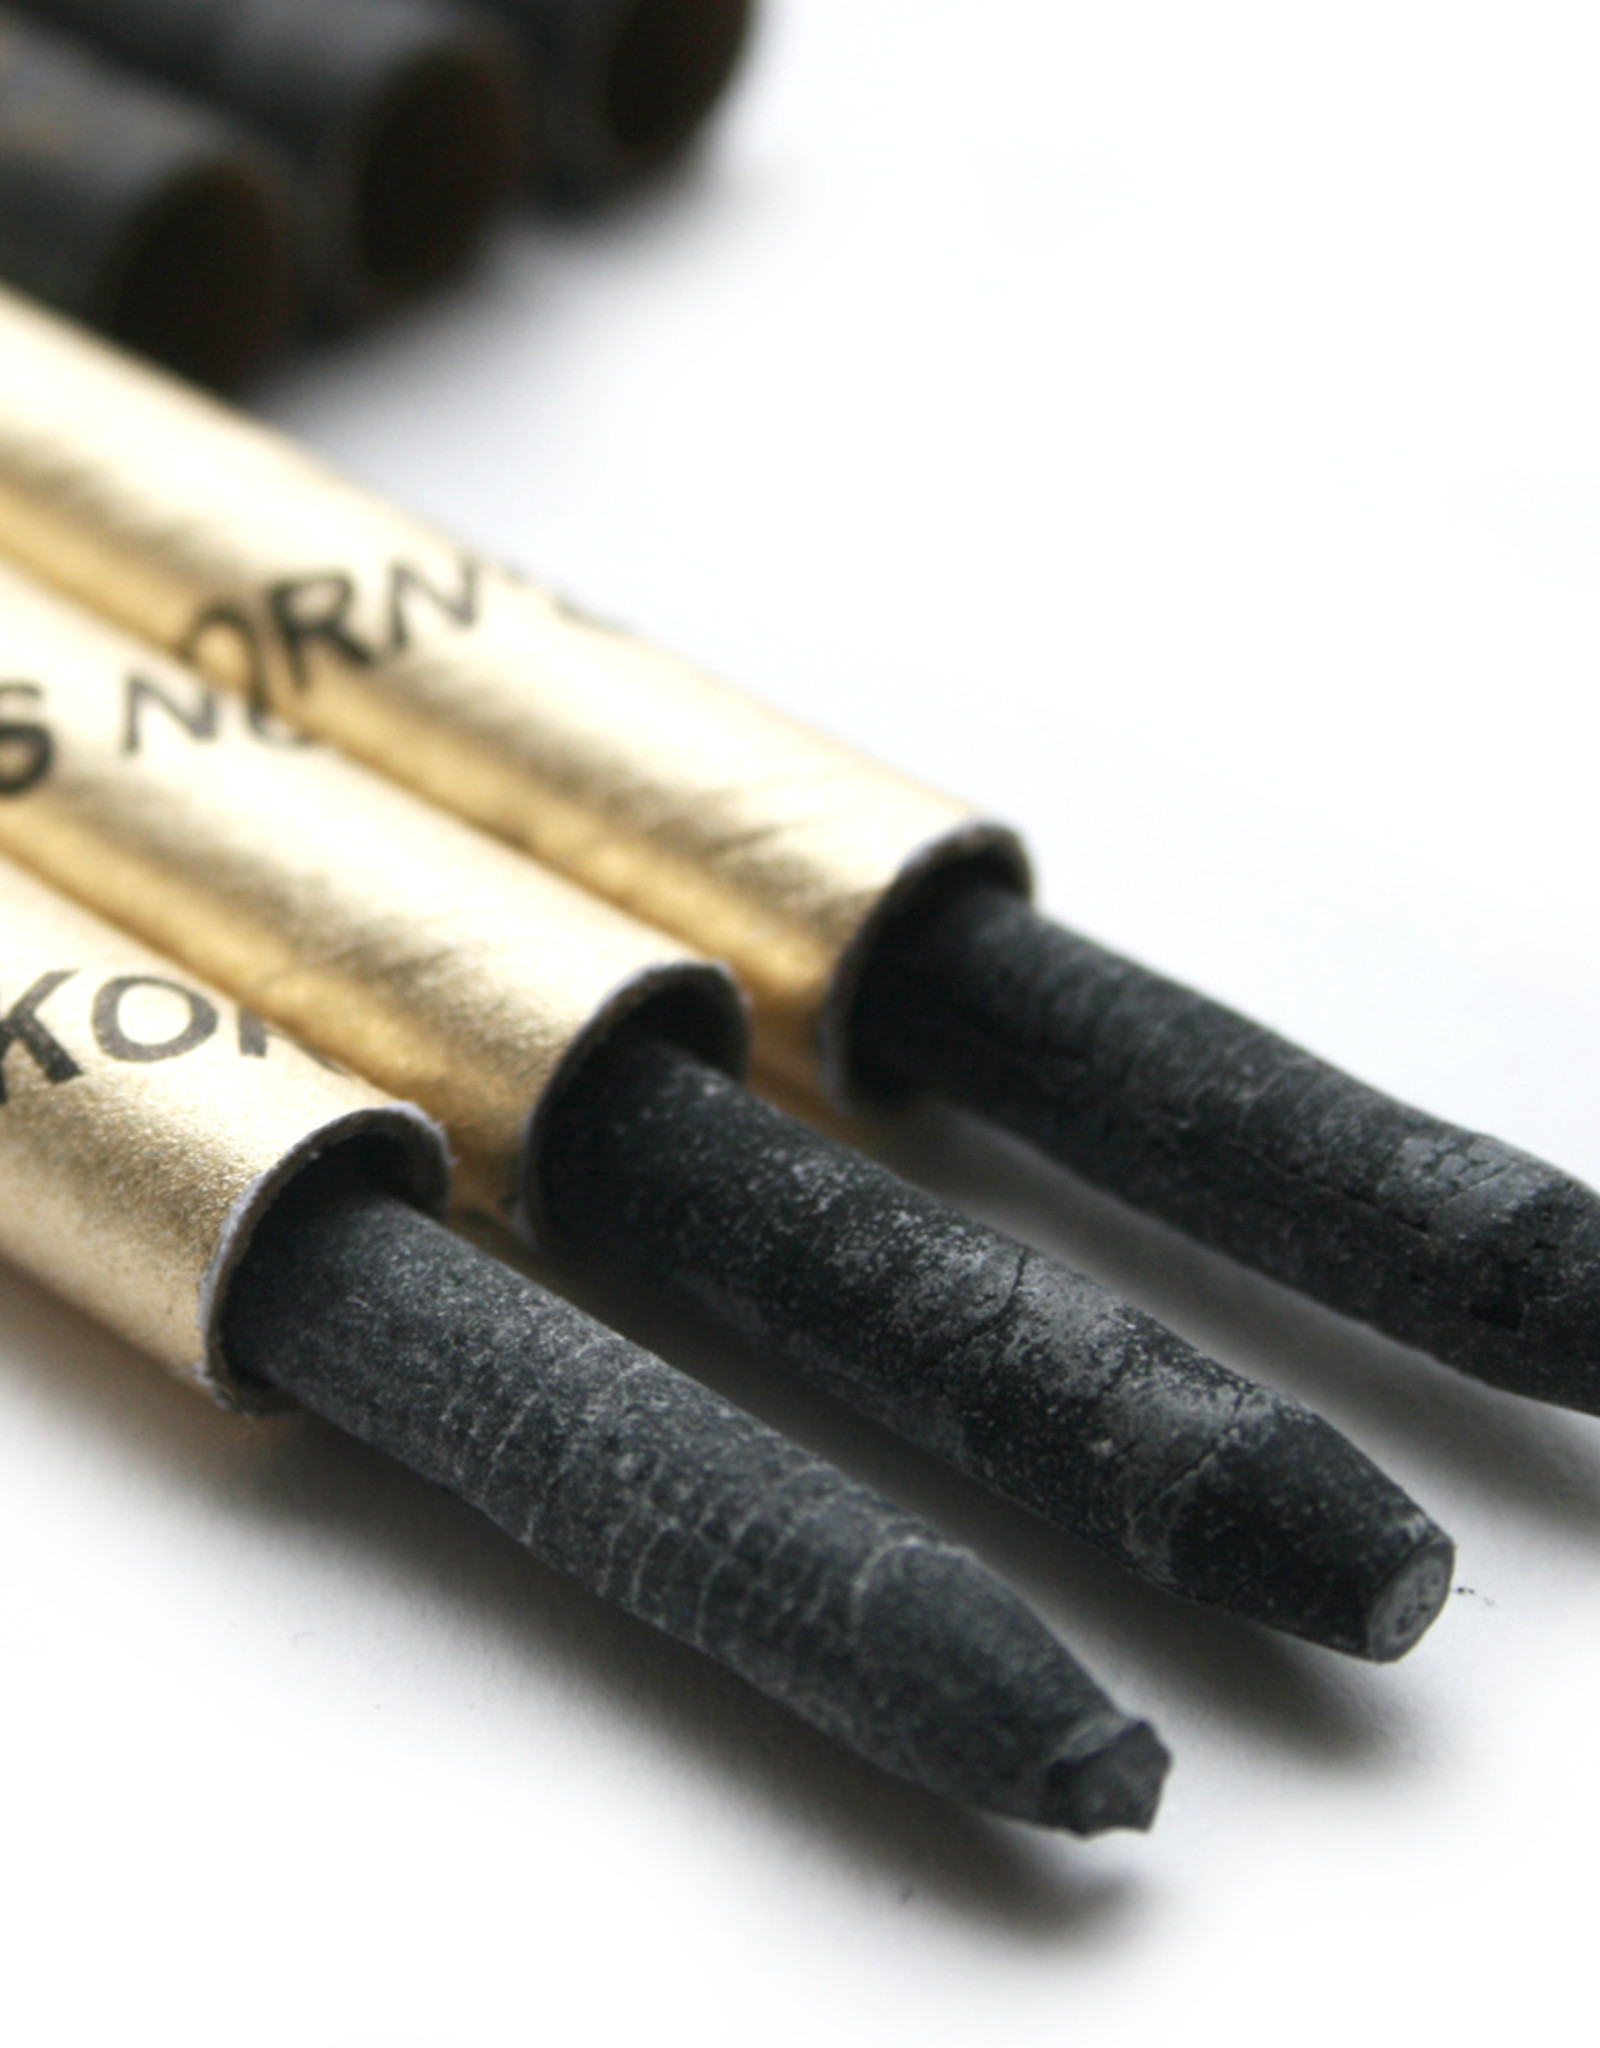 3 stuks litho krijt stiften KornMiddel hard nummer 2. Te combineren met Vulpotloodhouder 5,6 mm Cretacolor voor goede grip op deze stift. Litho krijt bestaat uit: Vet Was Zeep Roet Schellak. De verhouding van deze bestanddelen hangt af van de gradatie. Li